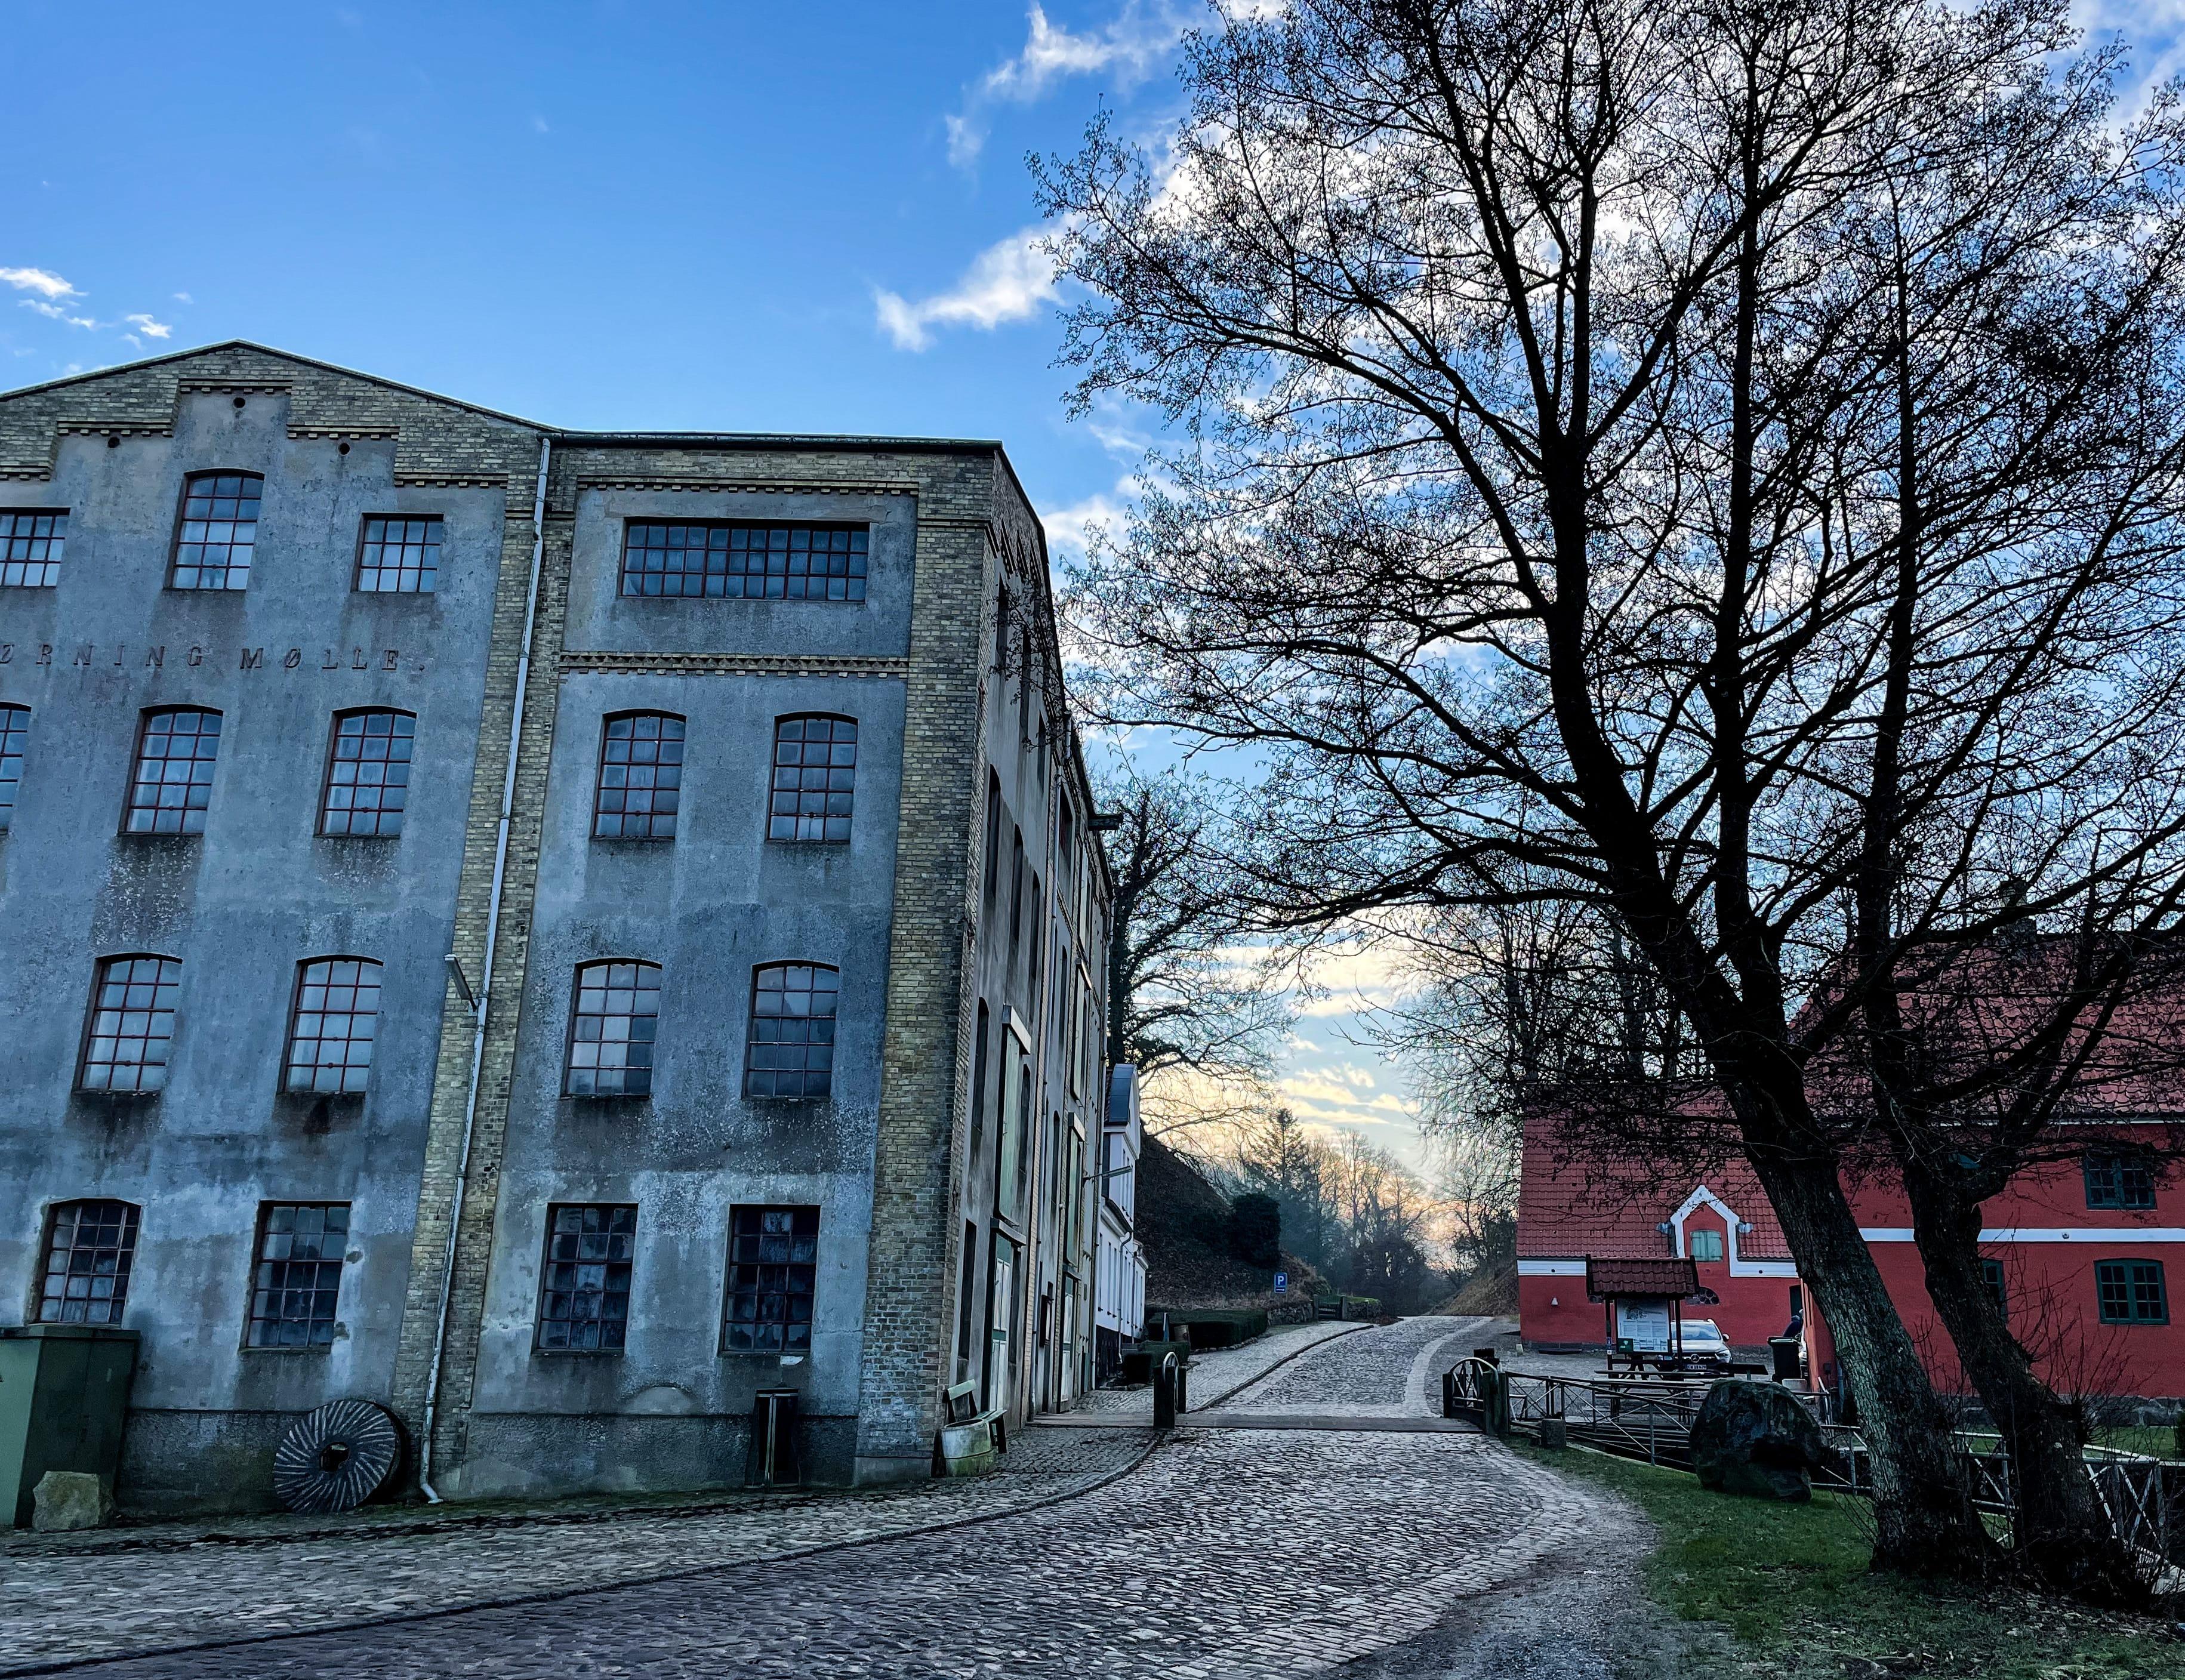 Blandt de populære vandreruter i Haderslev Kommune er Tunneldalstierne, der blandt andet kommer forbi Tørning Mølle. (Foto: Haderslev Kommune)